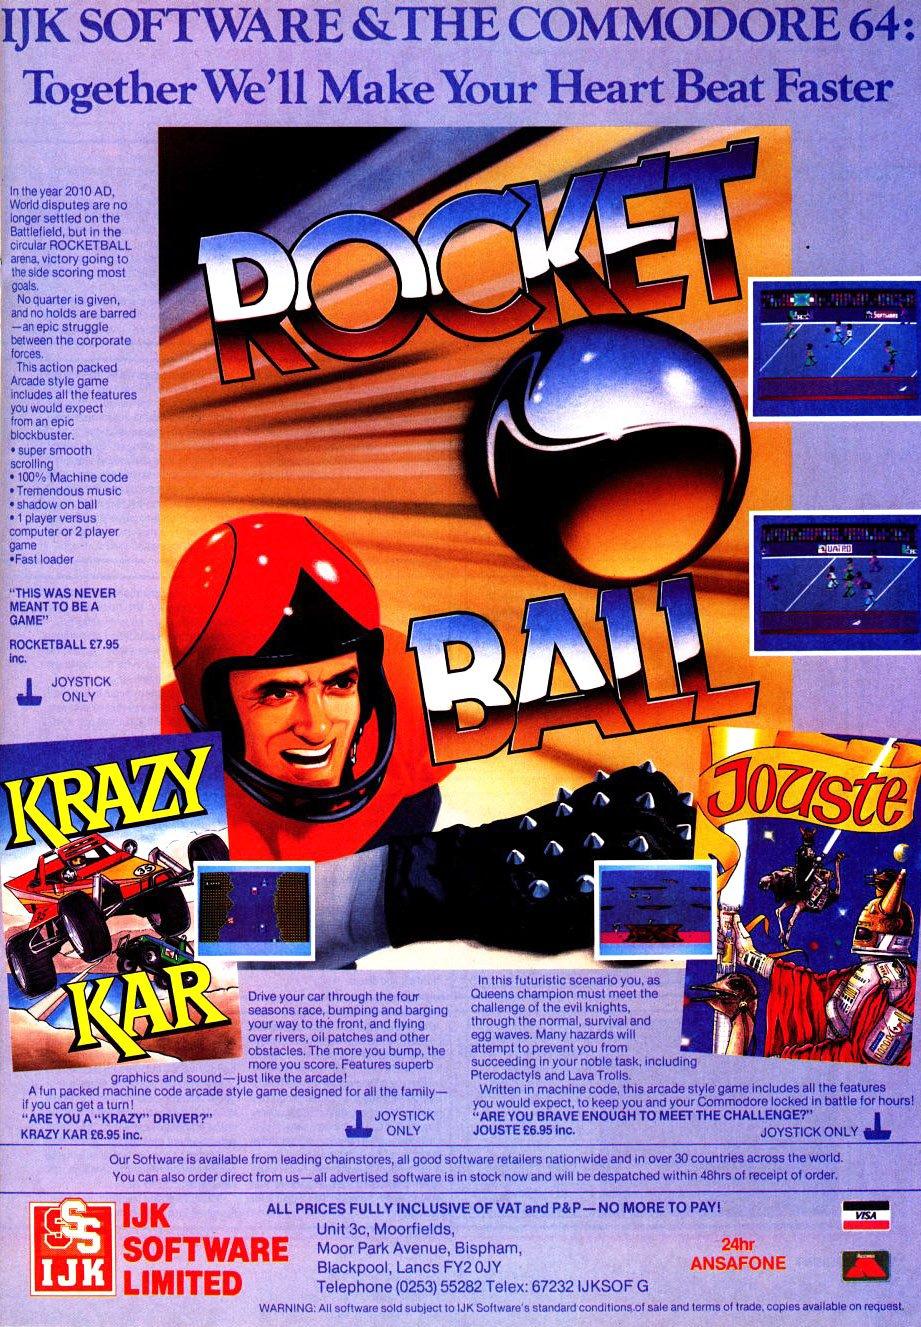 Rocketball, Krazy Kar, Jouste